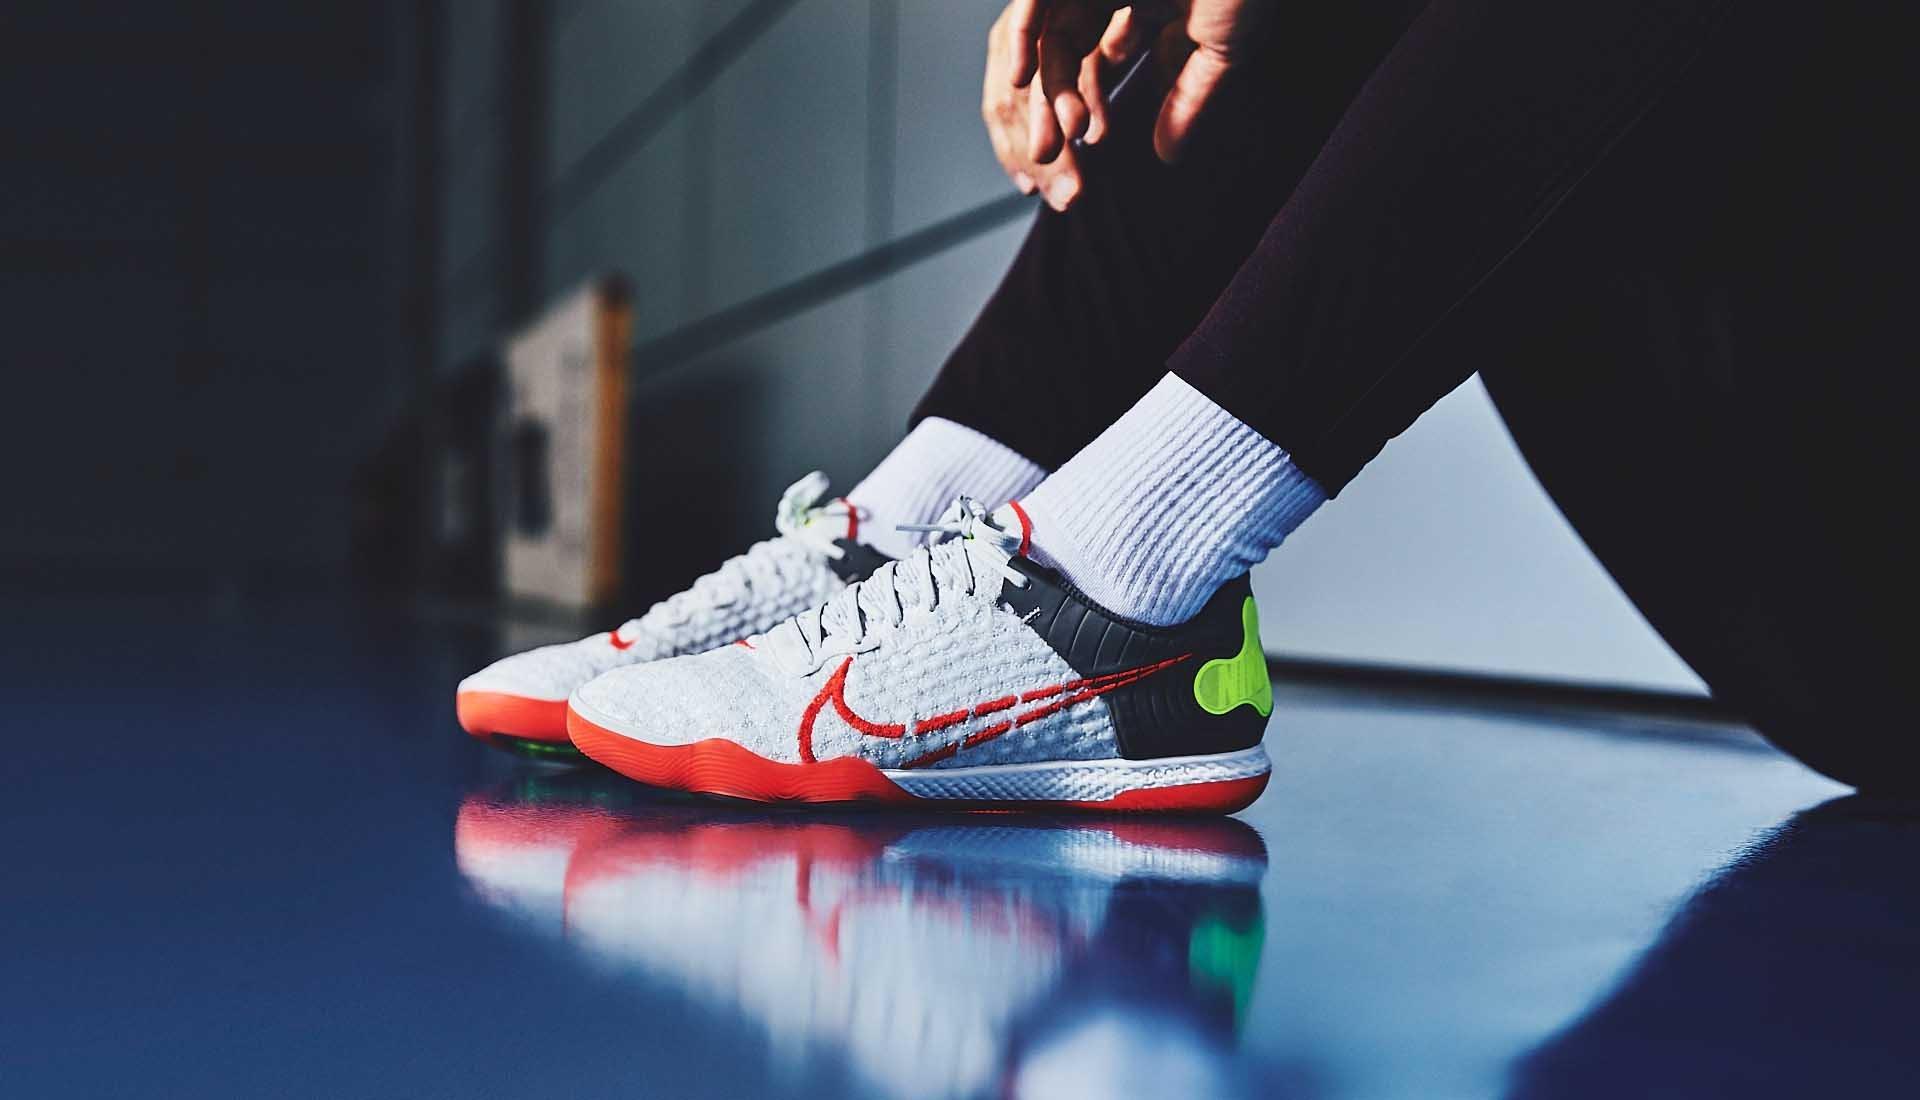 Nike React Gato, sự sáng tạo mang lại hiệu suất thi đấu vượt trội